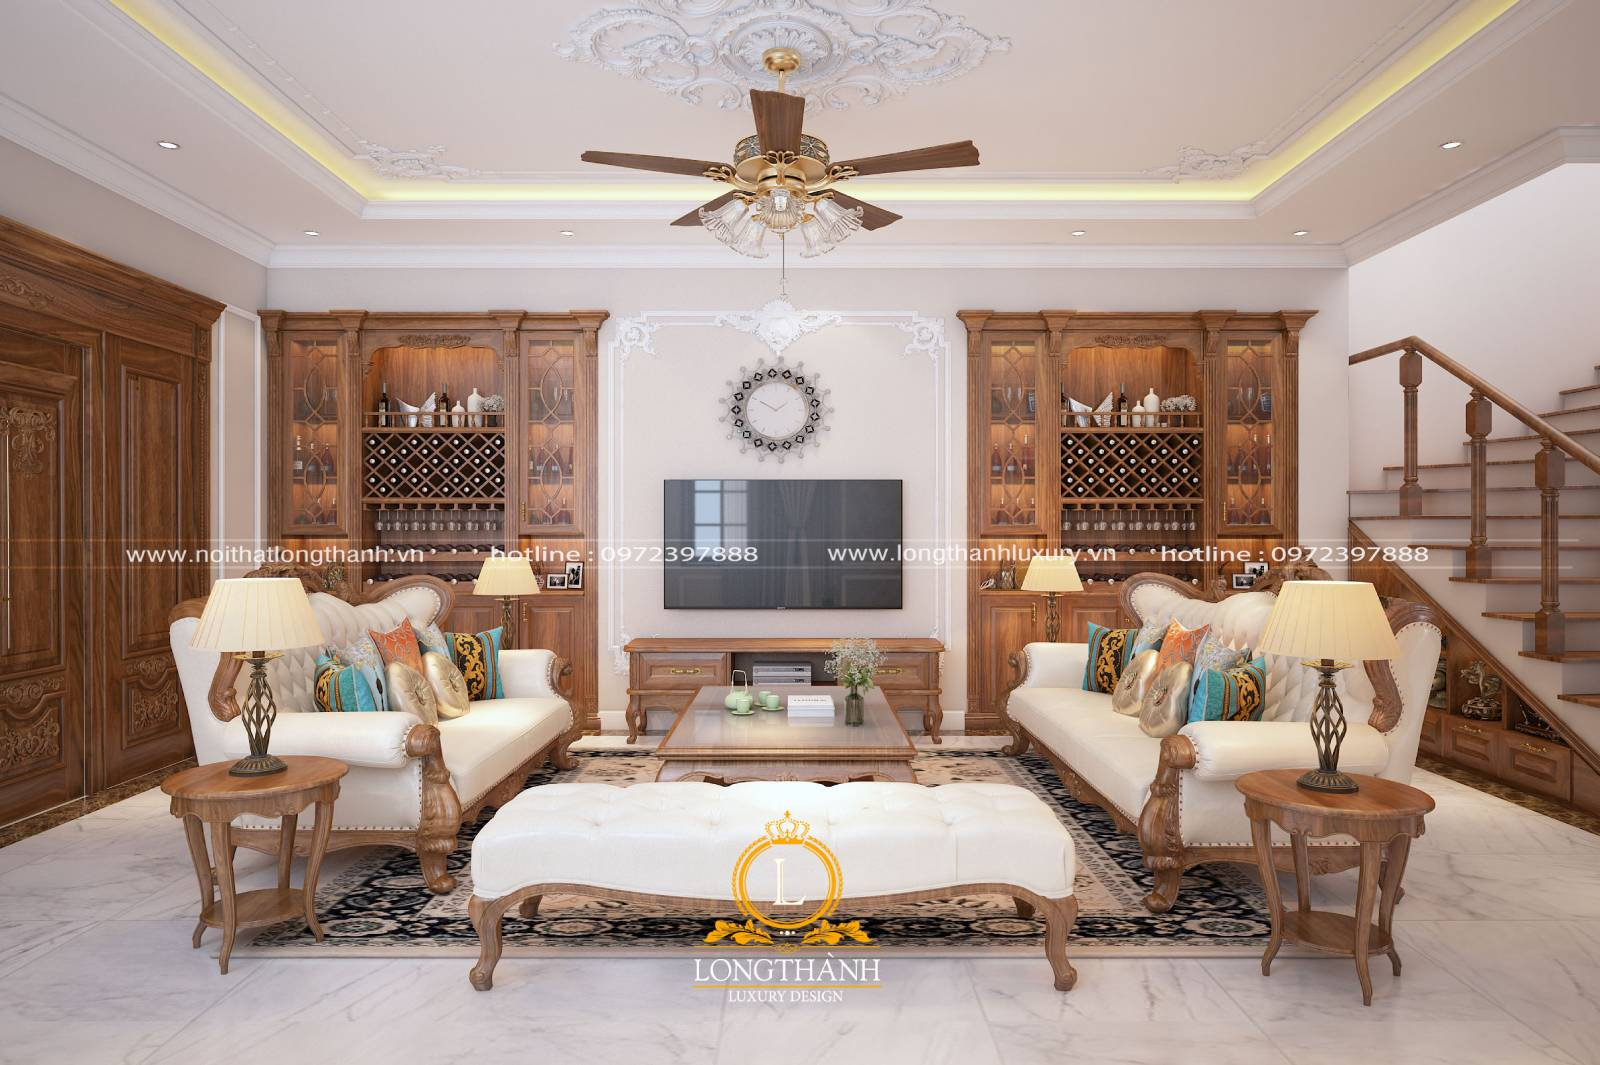 Bộ sofa văng phòng khách làm từ gỗ gõ đỏ và vải nỉ